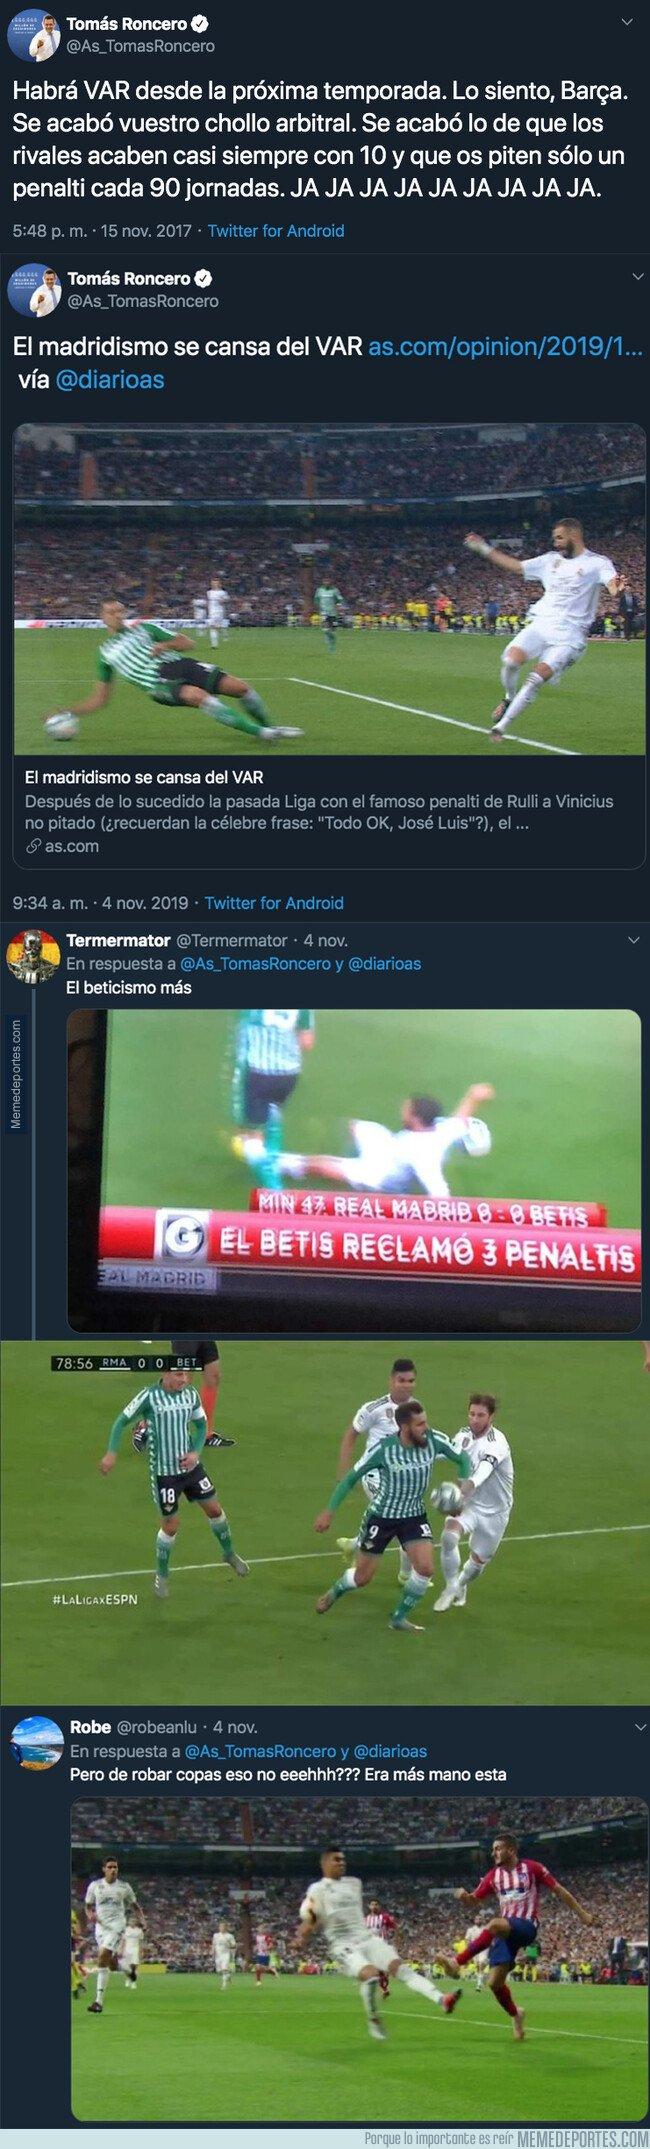 1090237 - Los tuits del pasado que dejan retratado por completo a Tomás Roncero por el uso del VAR